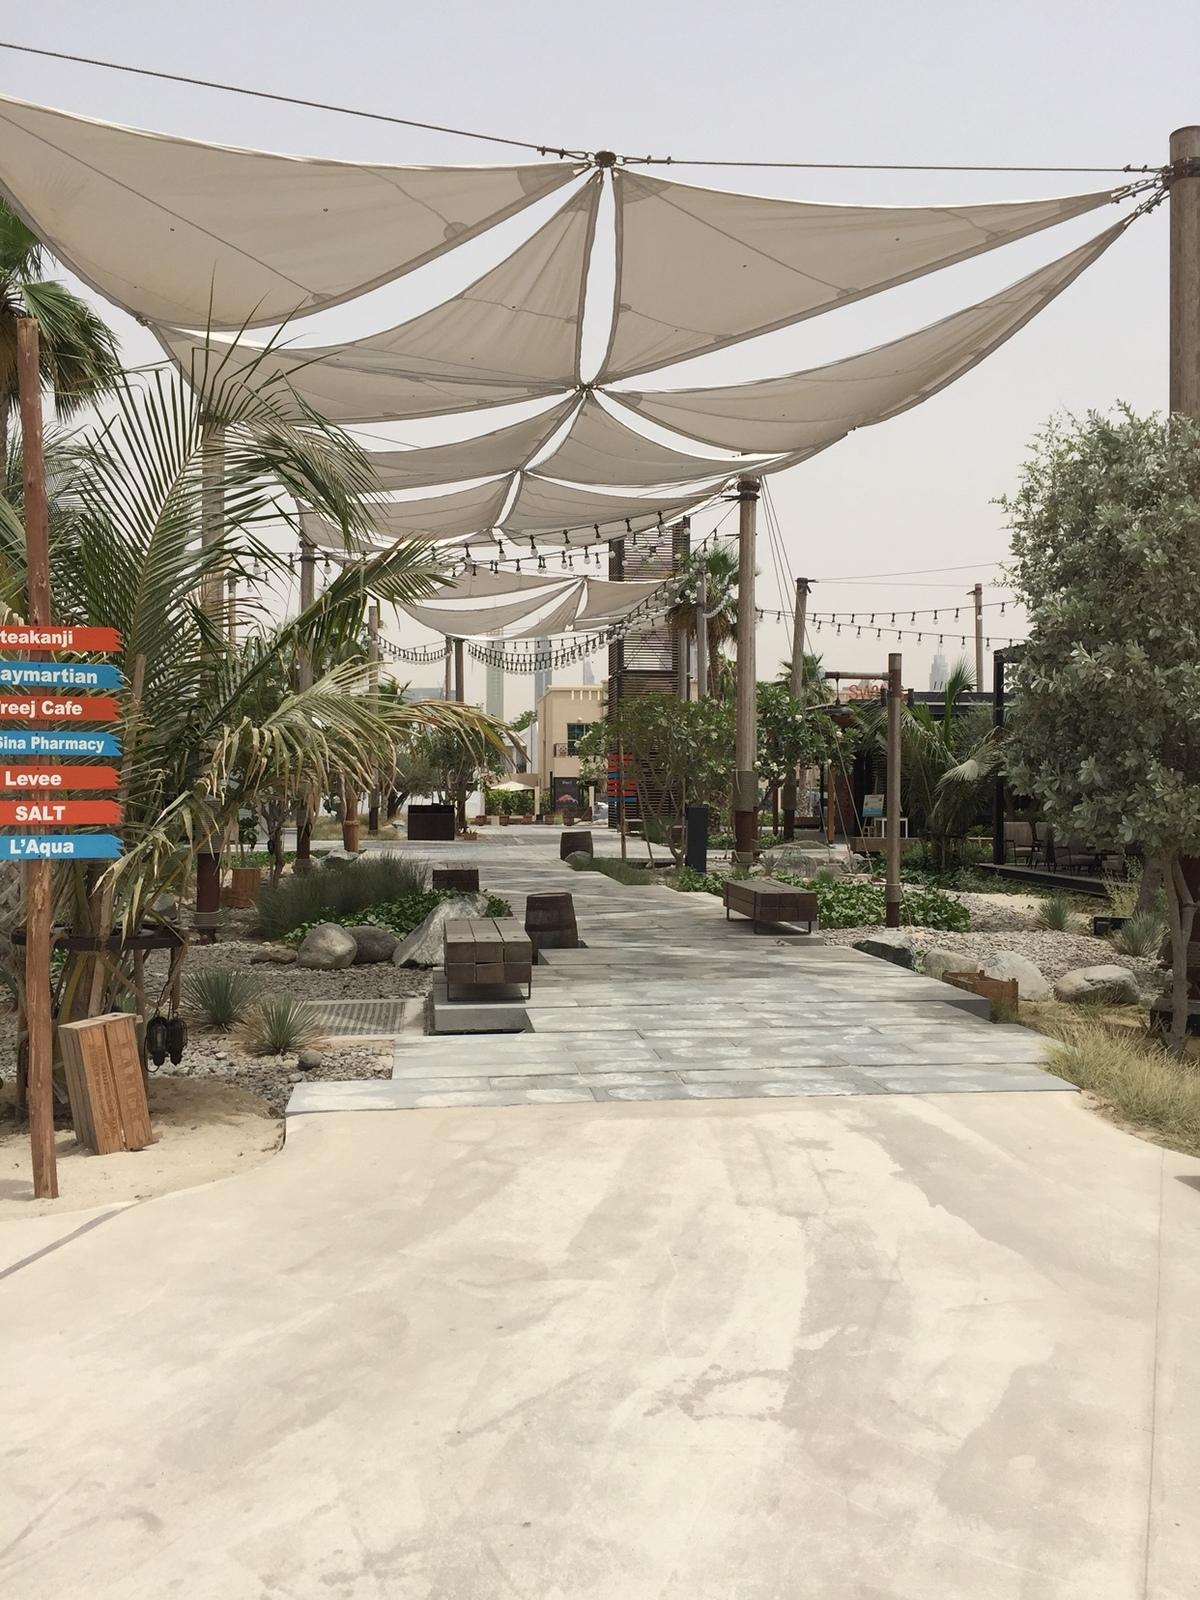 661614 المسافرون العرب دبي مدينة الجميرا